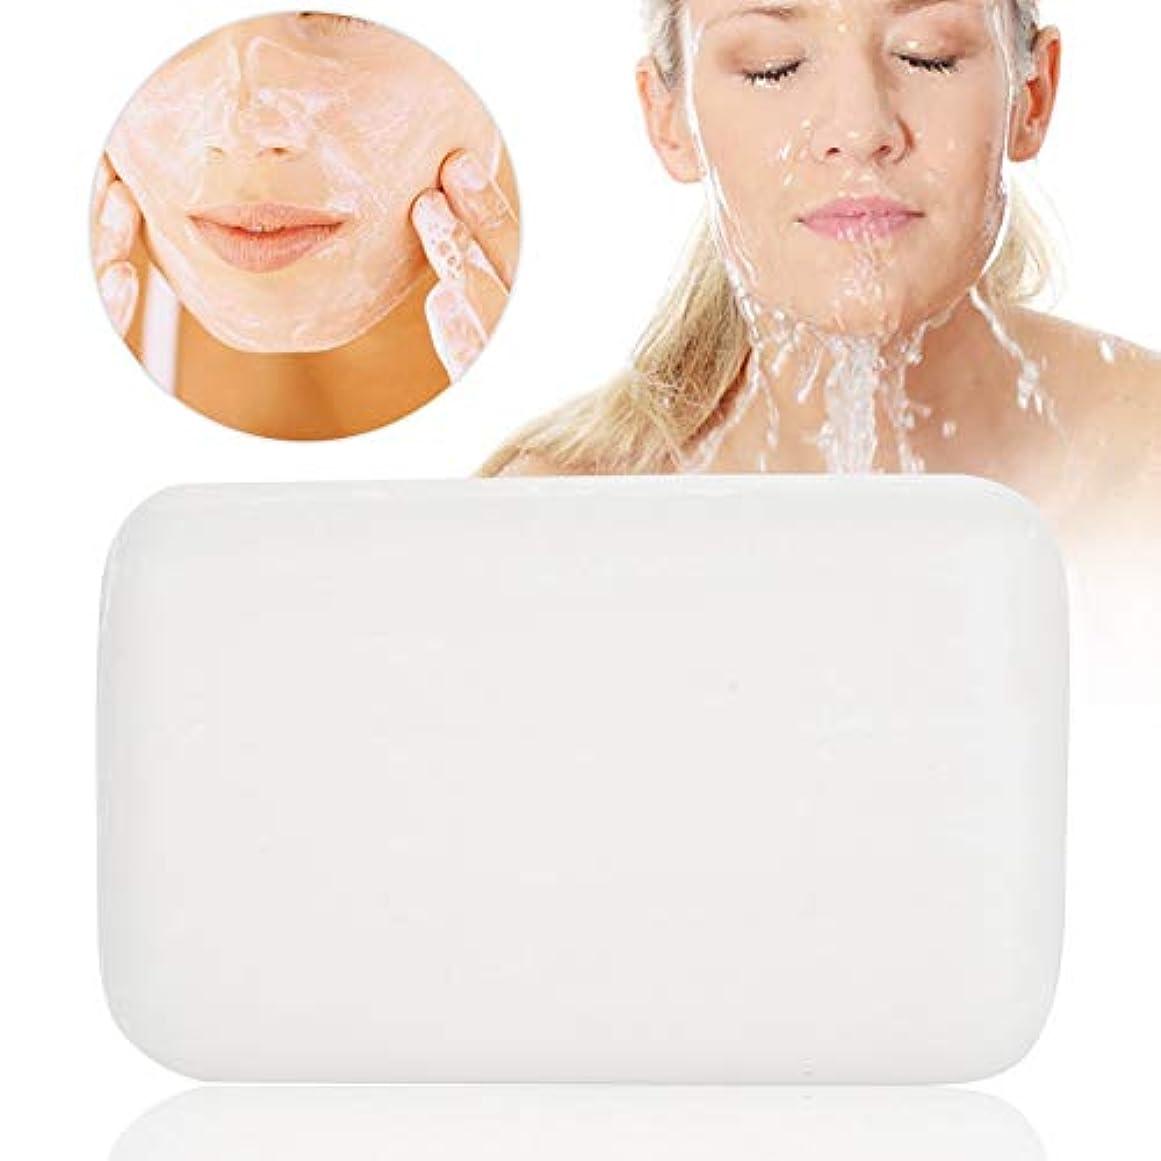 再生可能学習ただ美容石鹸 シミ取り! (洗顔?全身用) せっけん バスサイズ 洗顔石けん 無添加 低刺激性 化粧石鹸